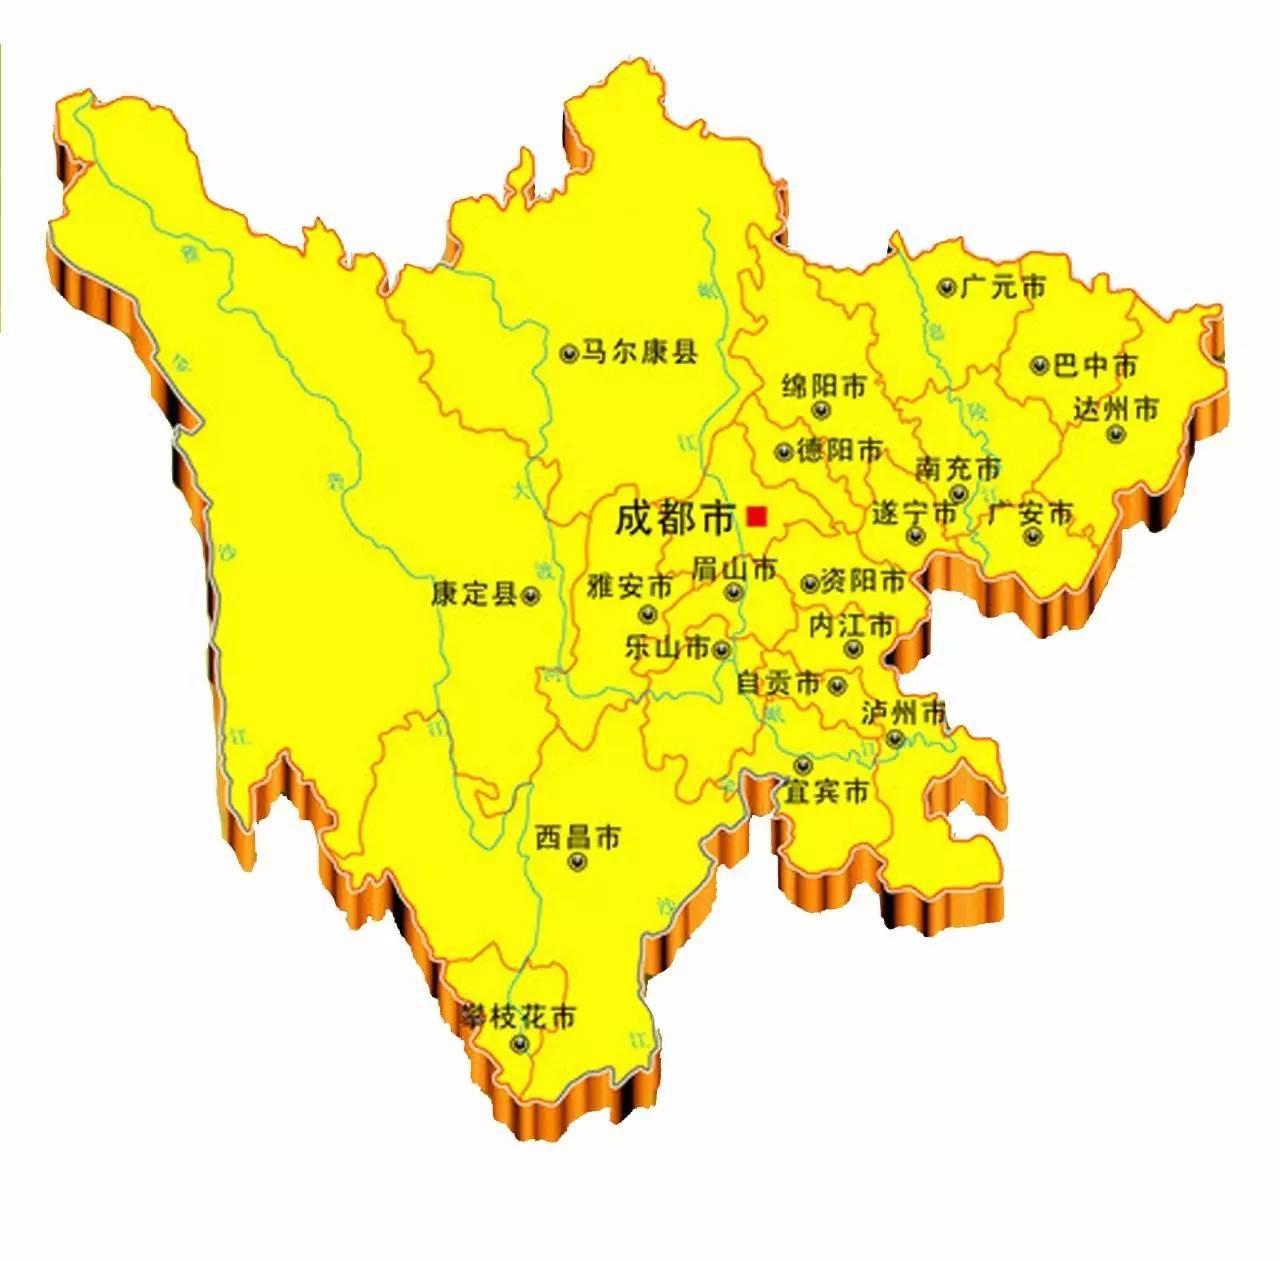 12四川省&重庆市